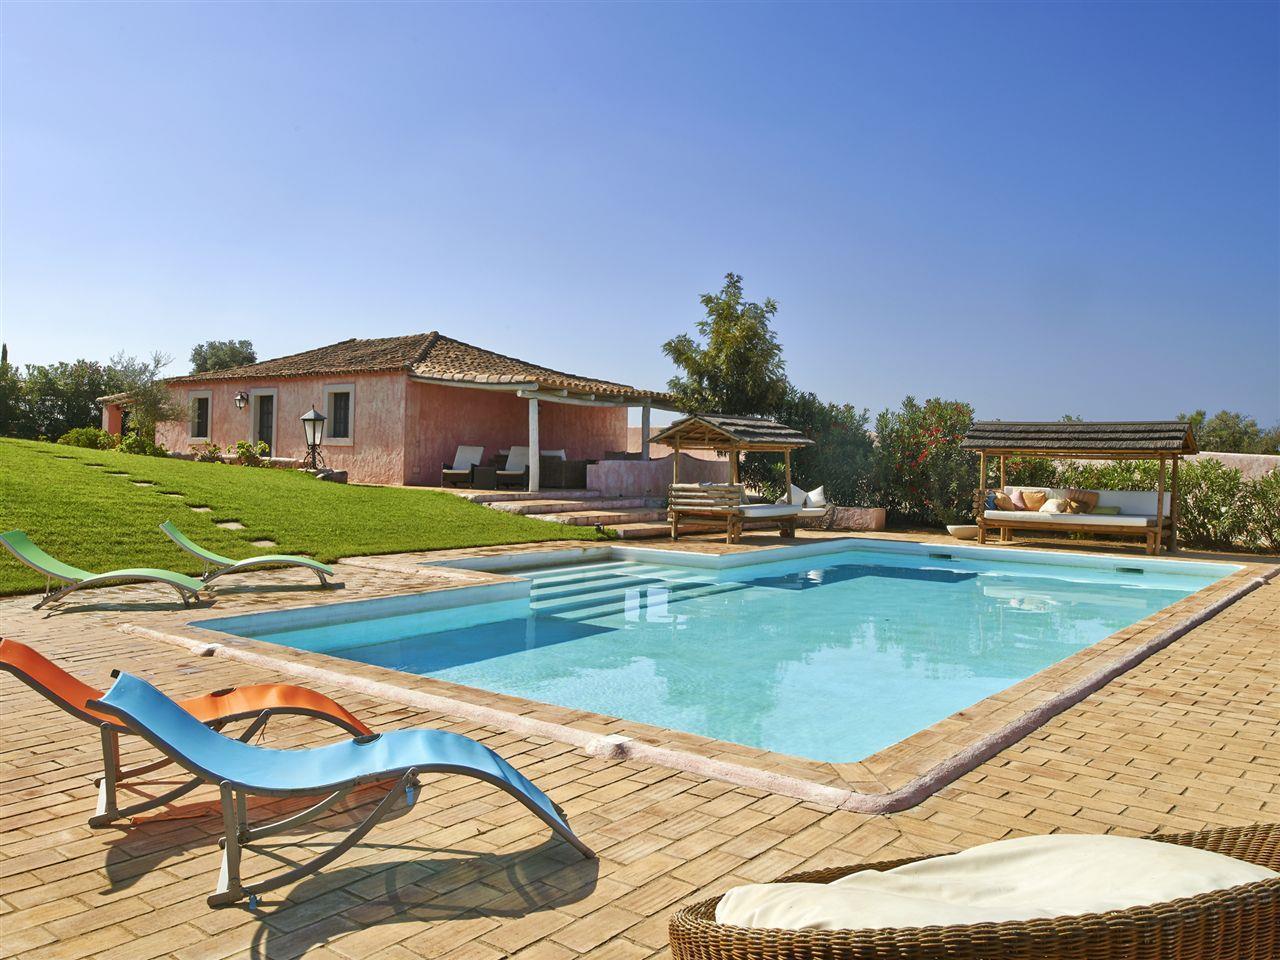 Fazenda / Quinta / Rancho / Plantação para Venda às Farm, 9 bedrooms, for Sale Loule, Algarve Portugal